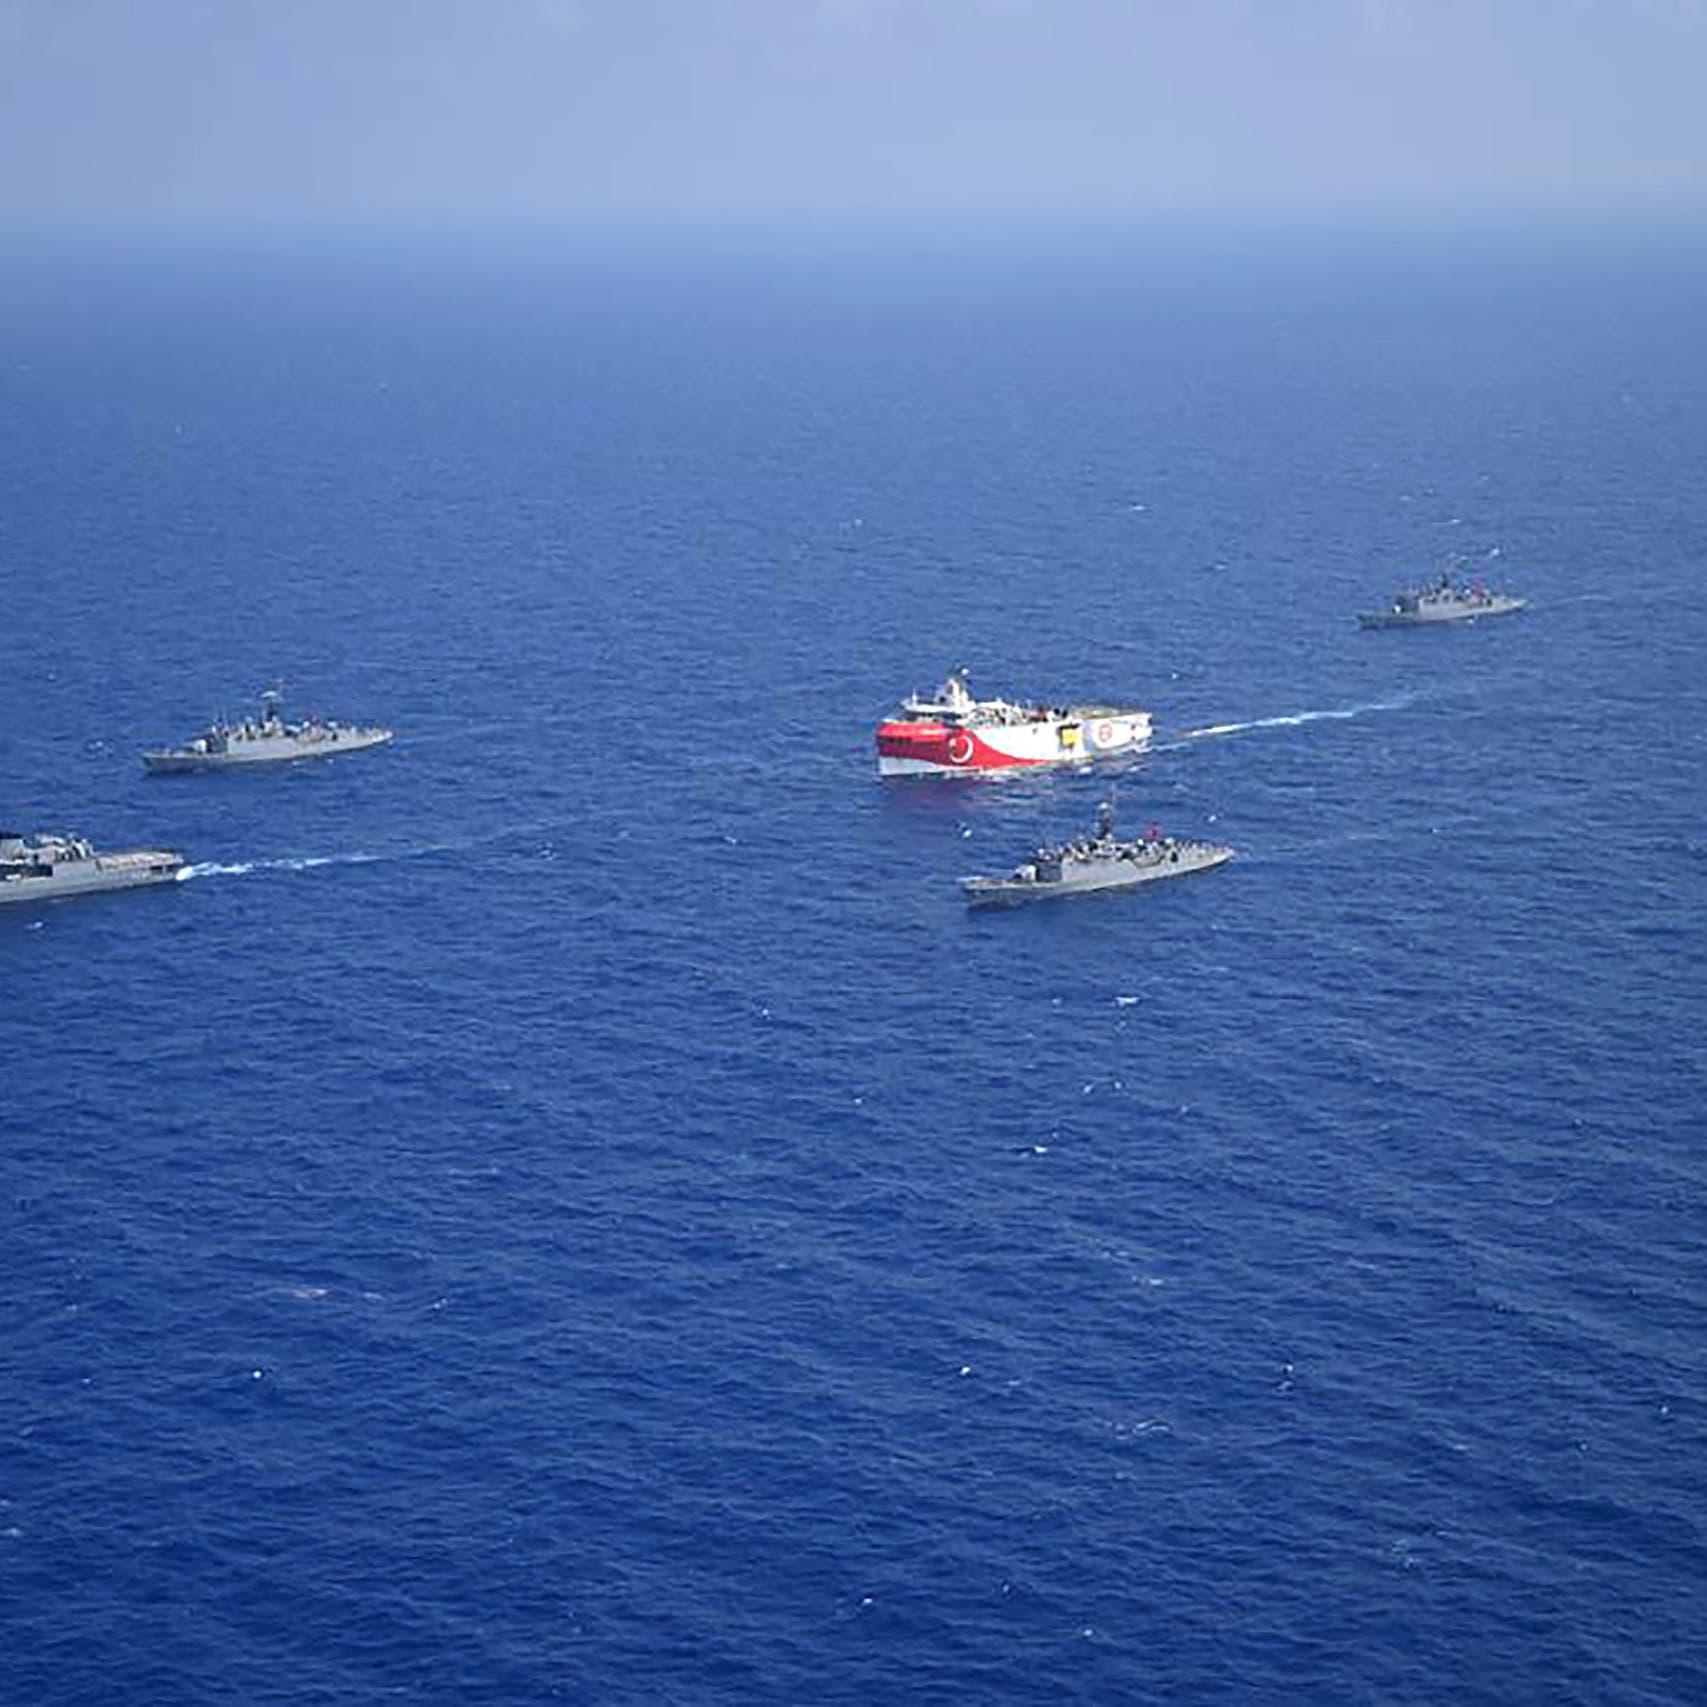 """اليونان تتهم البحرية التركية بـ""""مضايقات"""" في بحر إيجه"""